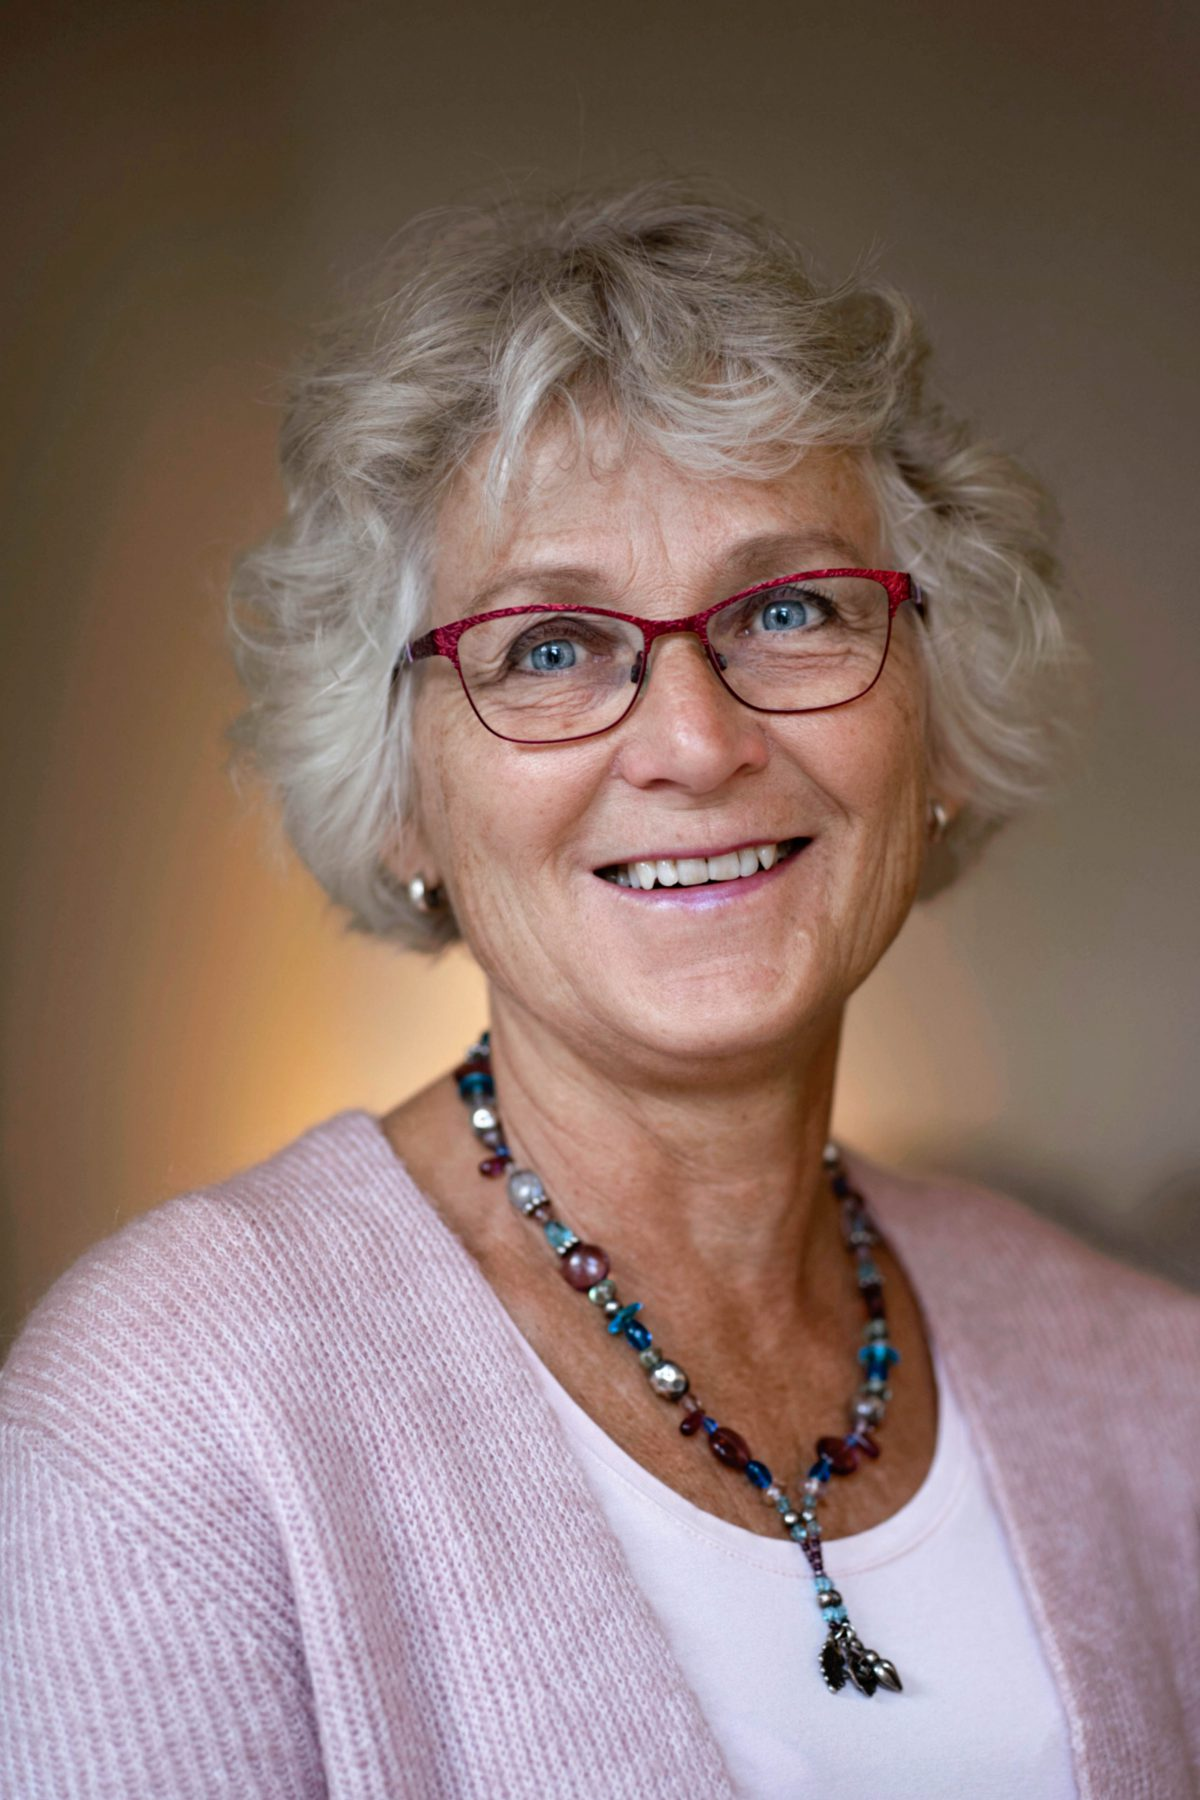 Marian van Ruitenbeek